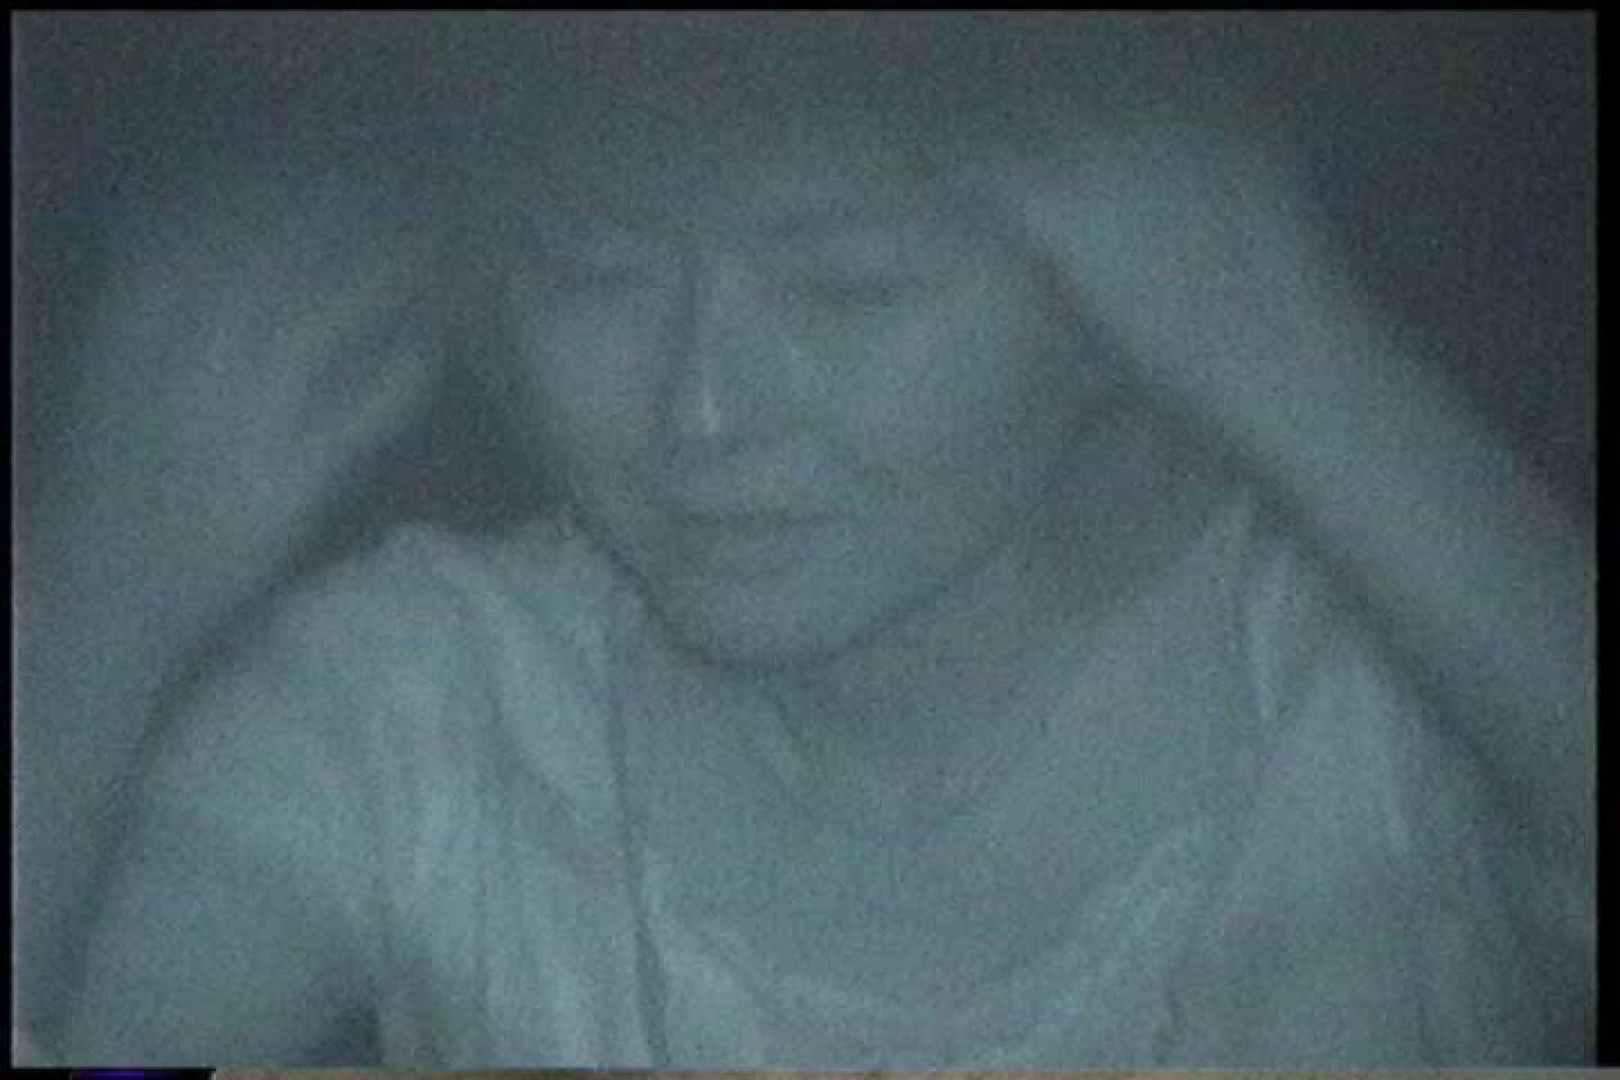 充血監督の深夜の運動会Vol.179 OLの実態 隠し撮りセックス画像 89pic 20